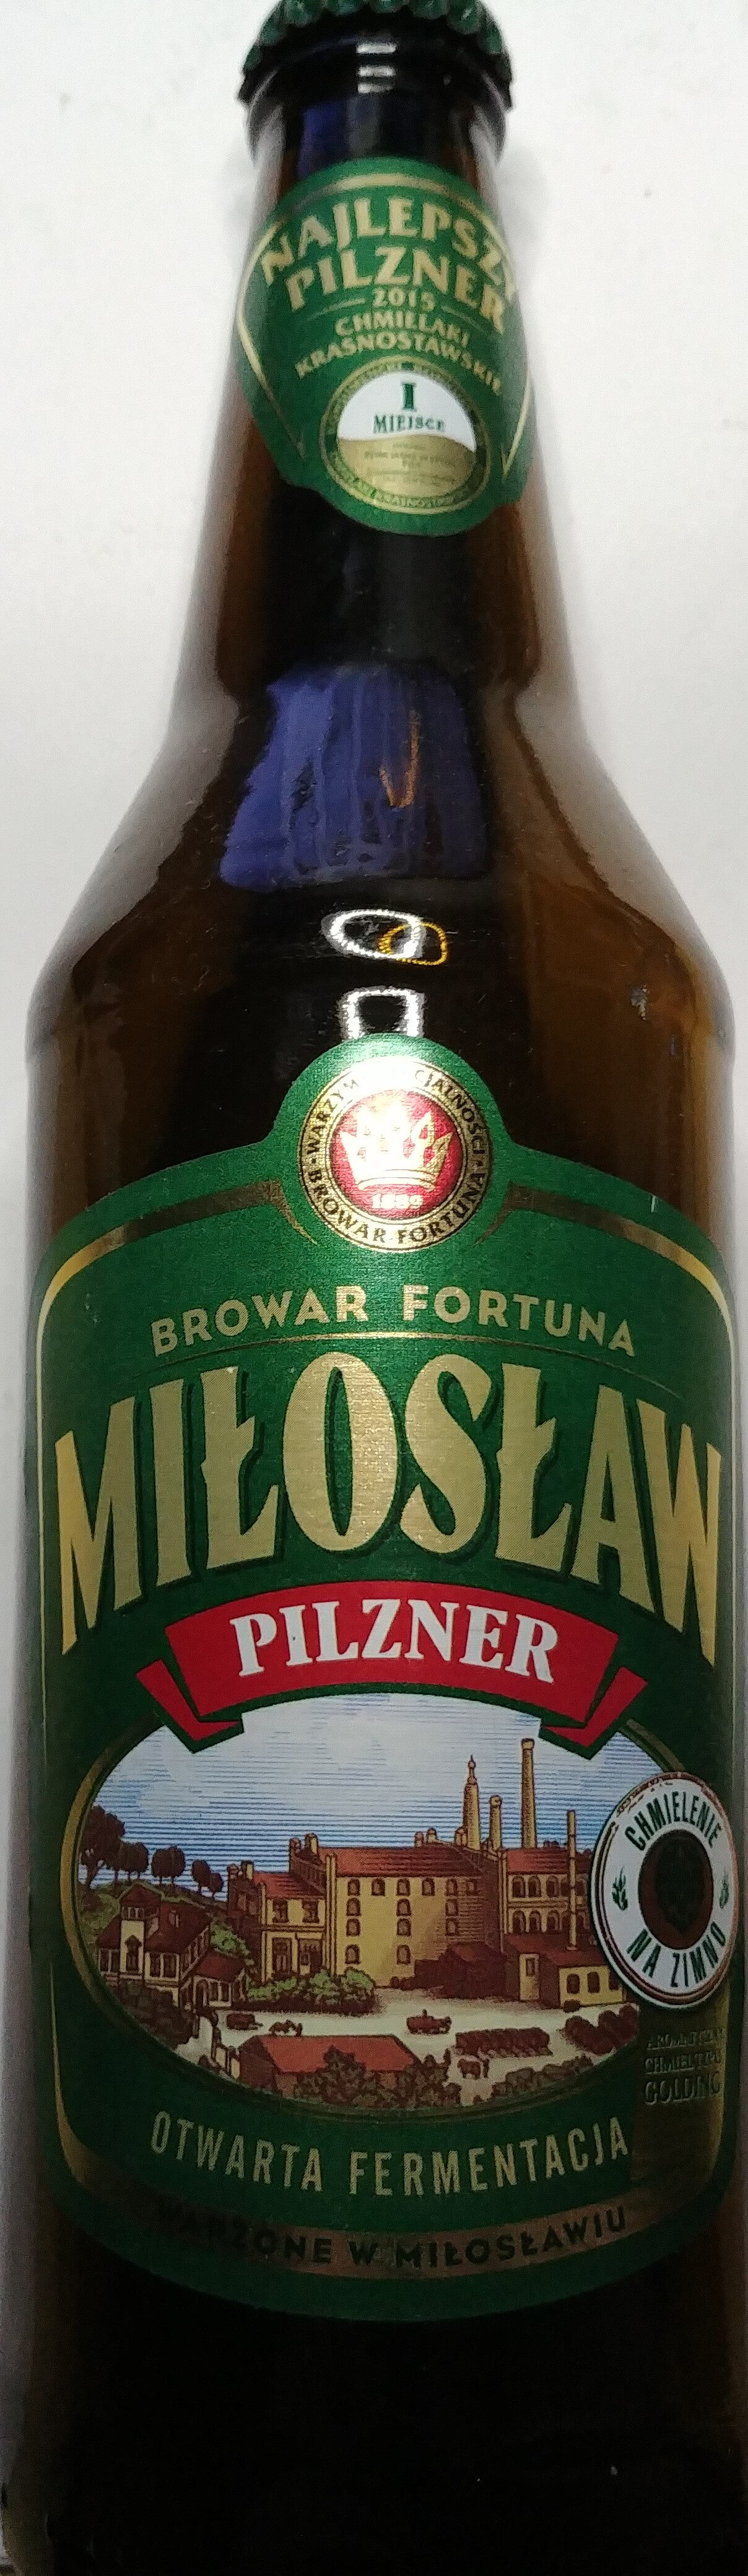 Pilzner - Produkt - pl